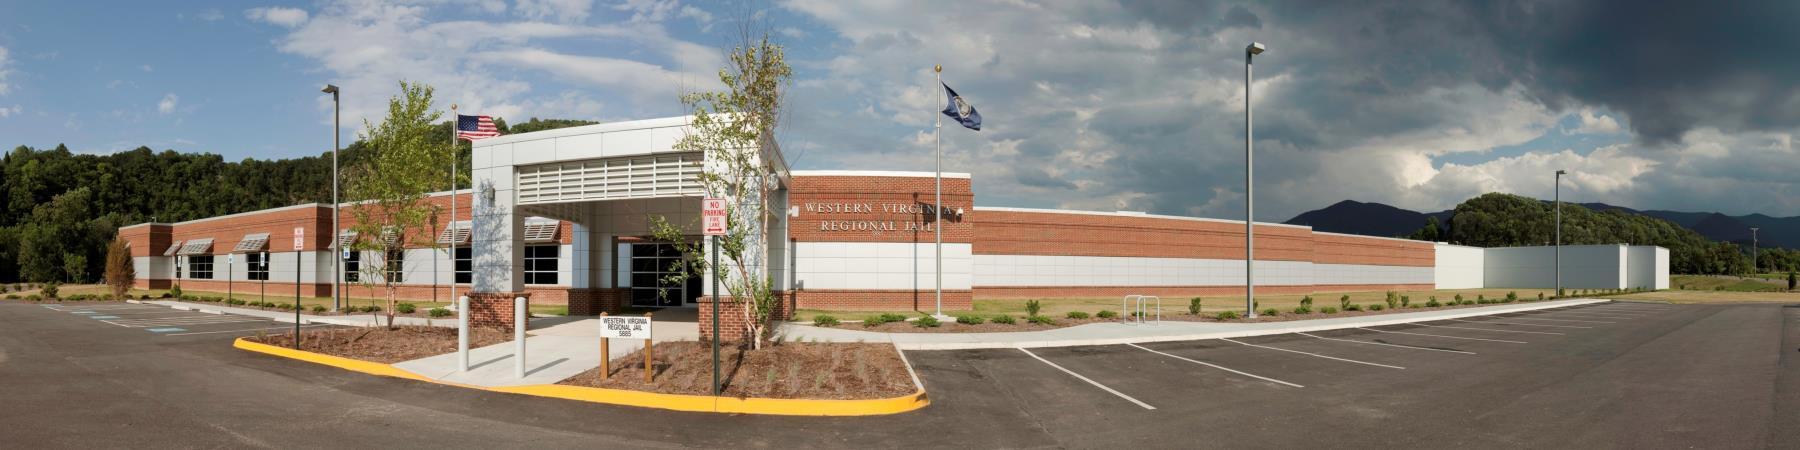 Western Virginia Regional Jail